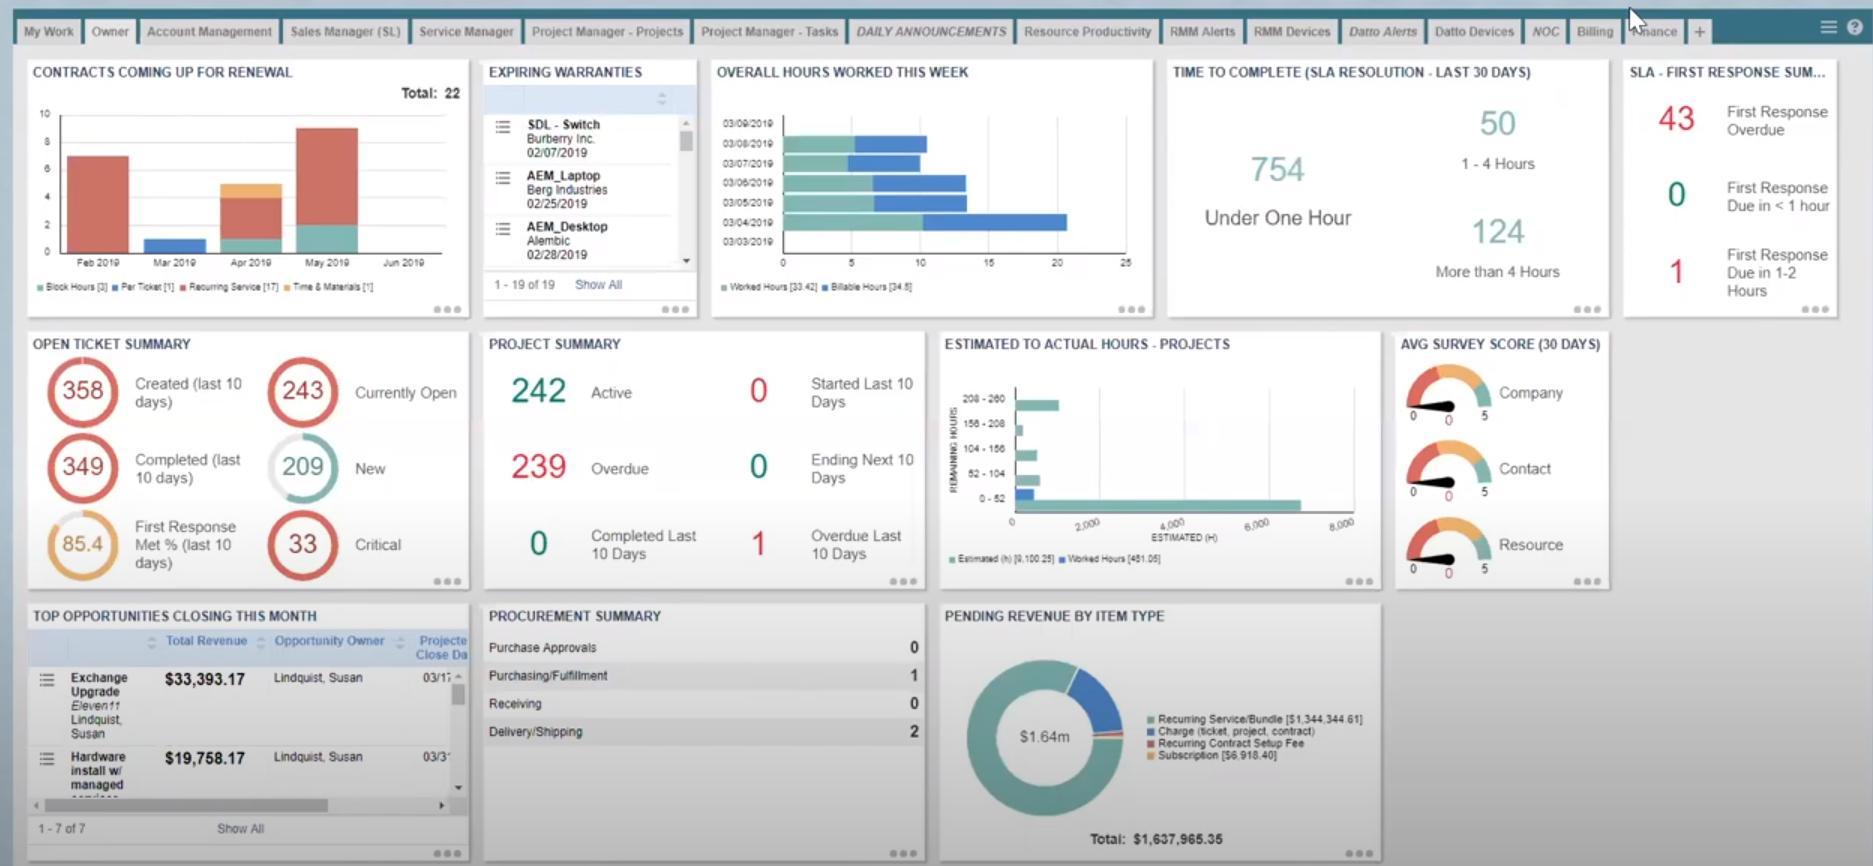 Datto SIRIS screenshot: Datto owner dashboard